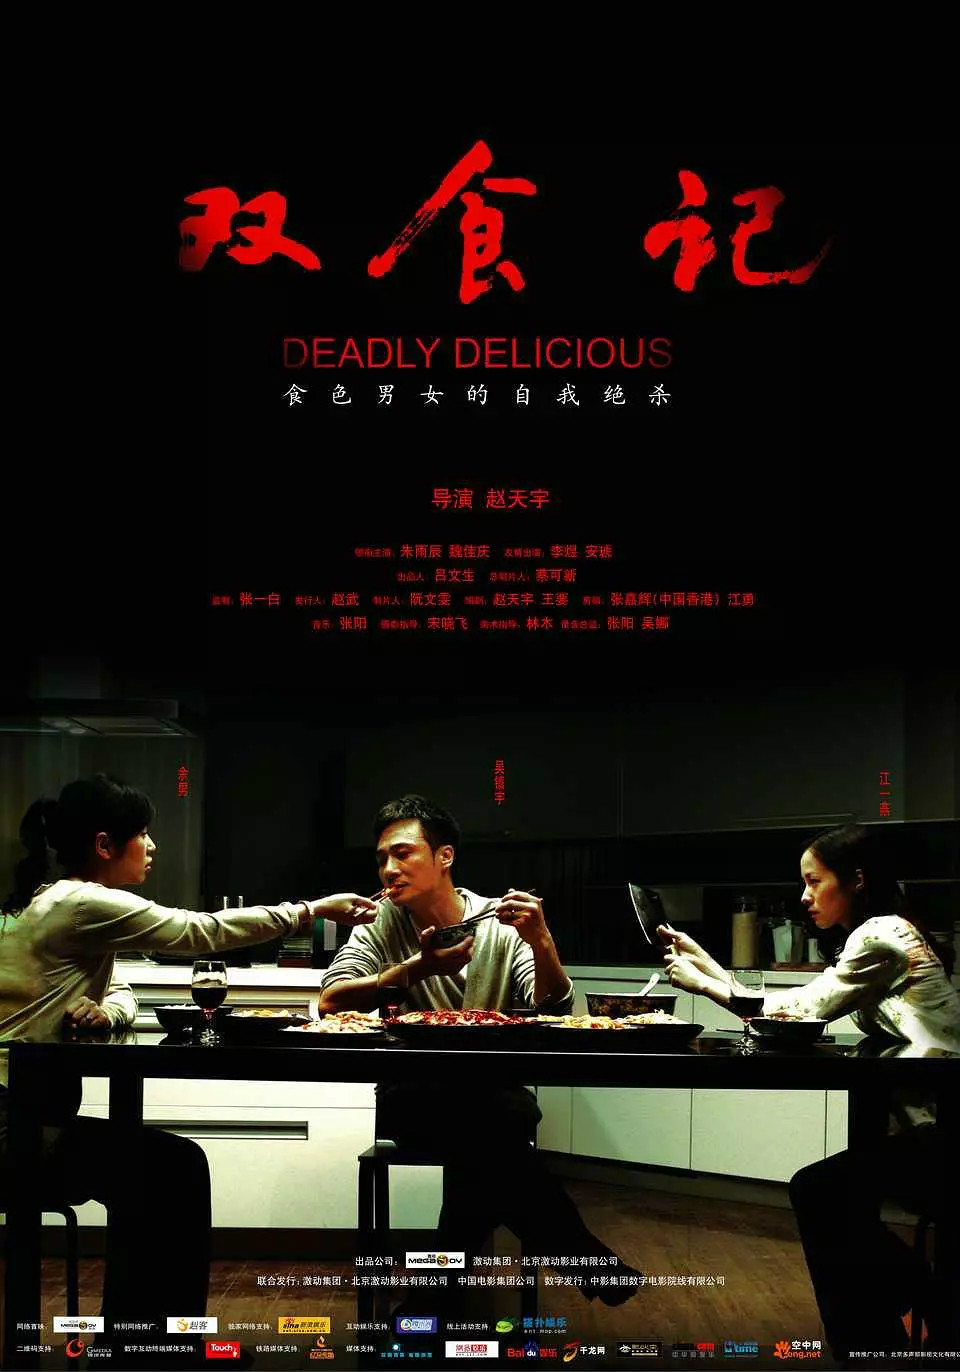 韩国电影分级制度